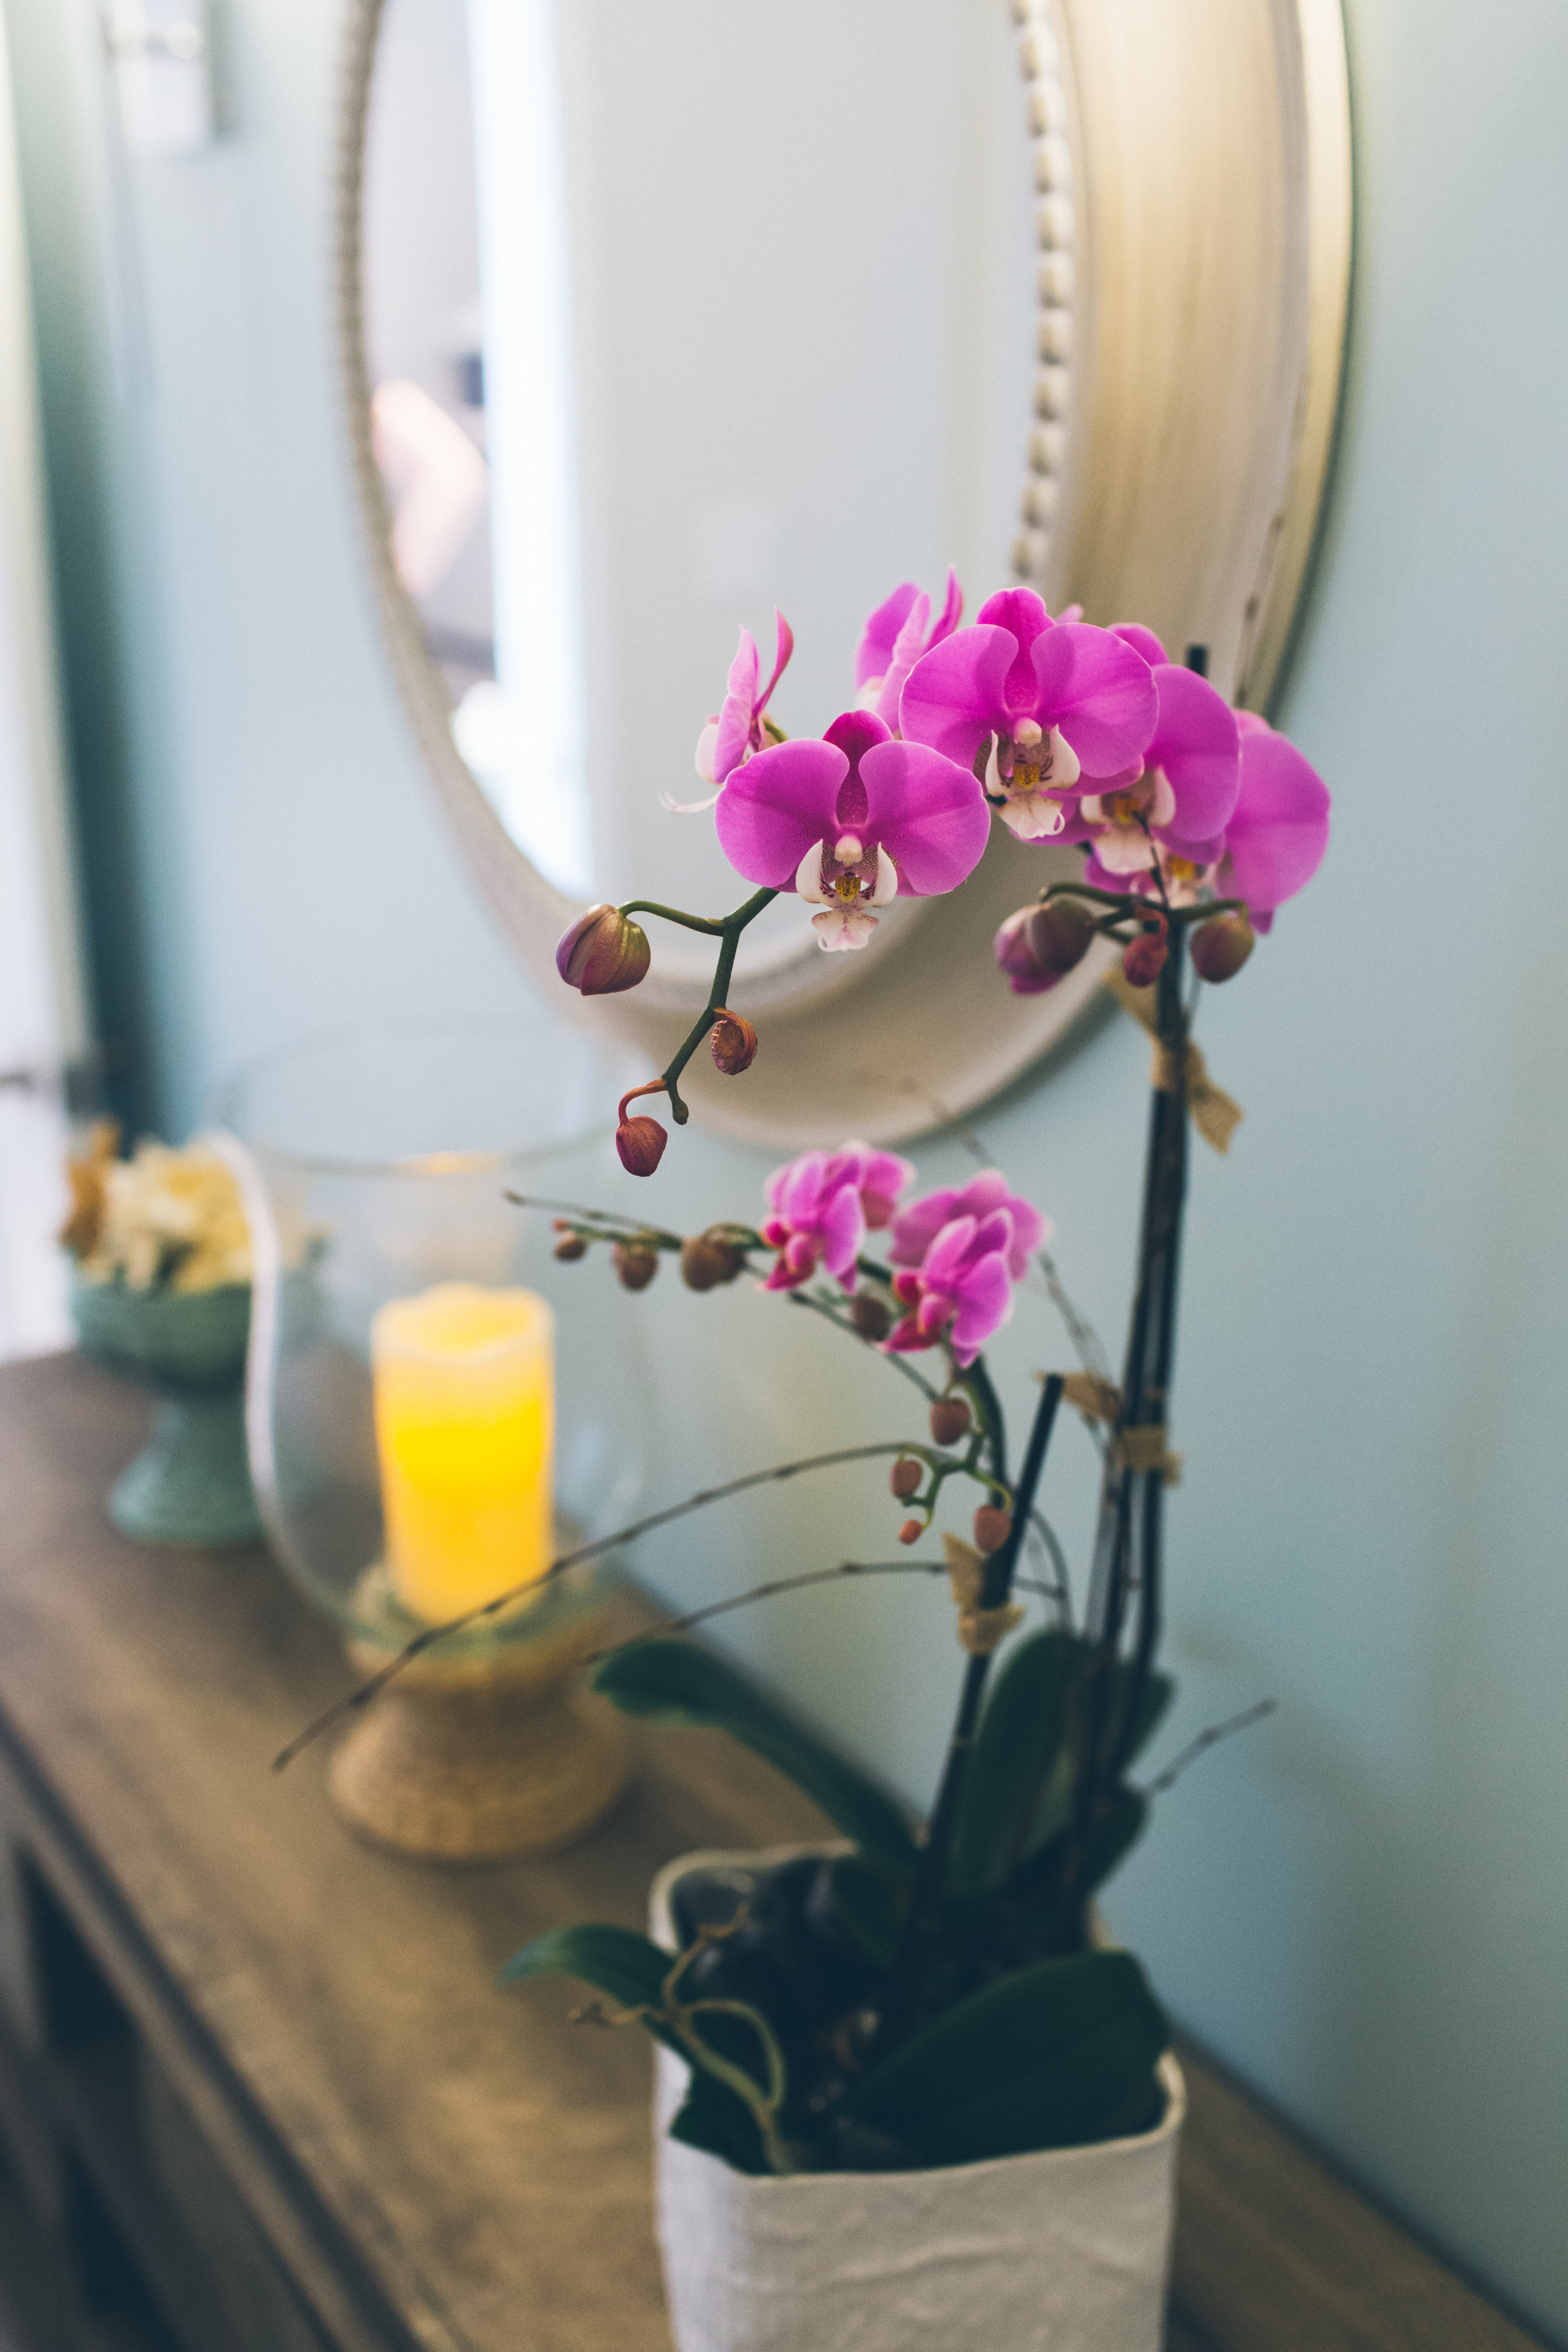 Barefoot-MMPhoto-massage room console 2.jpg